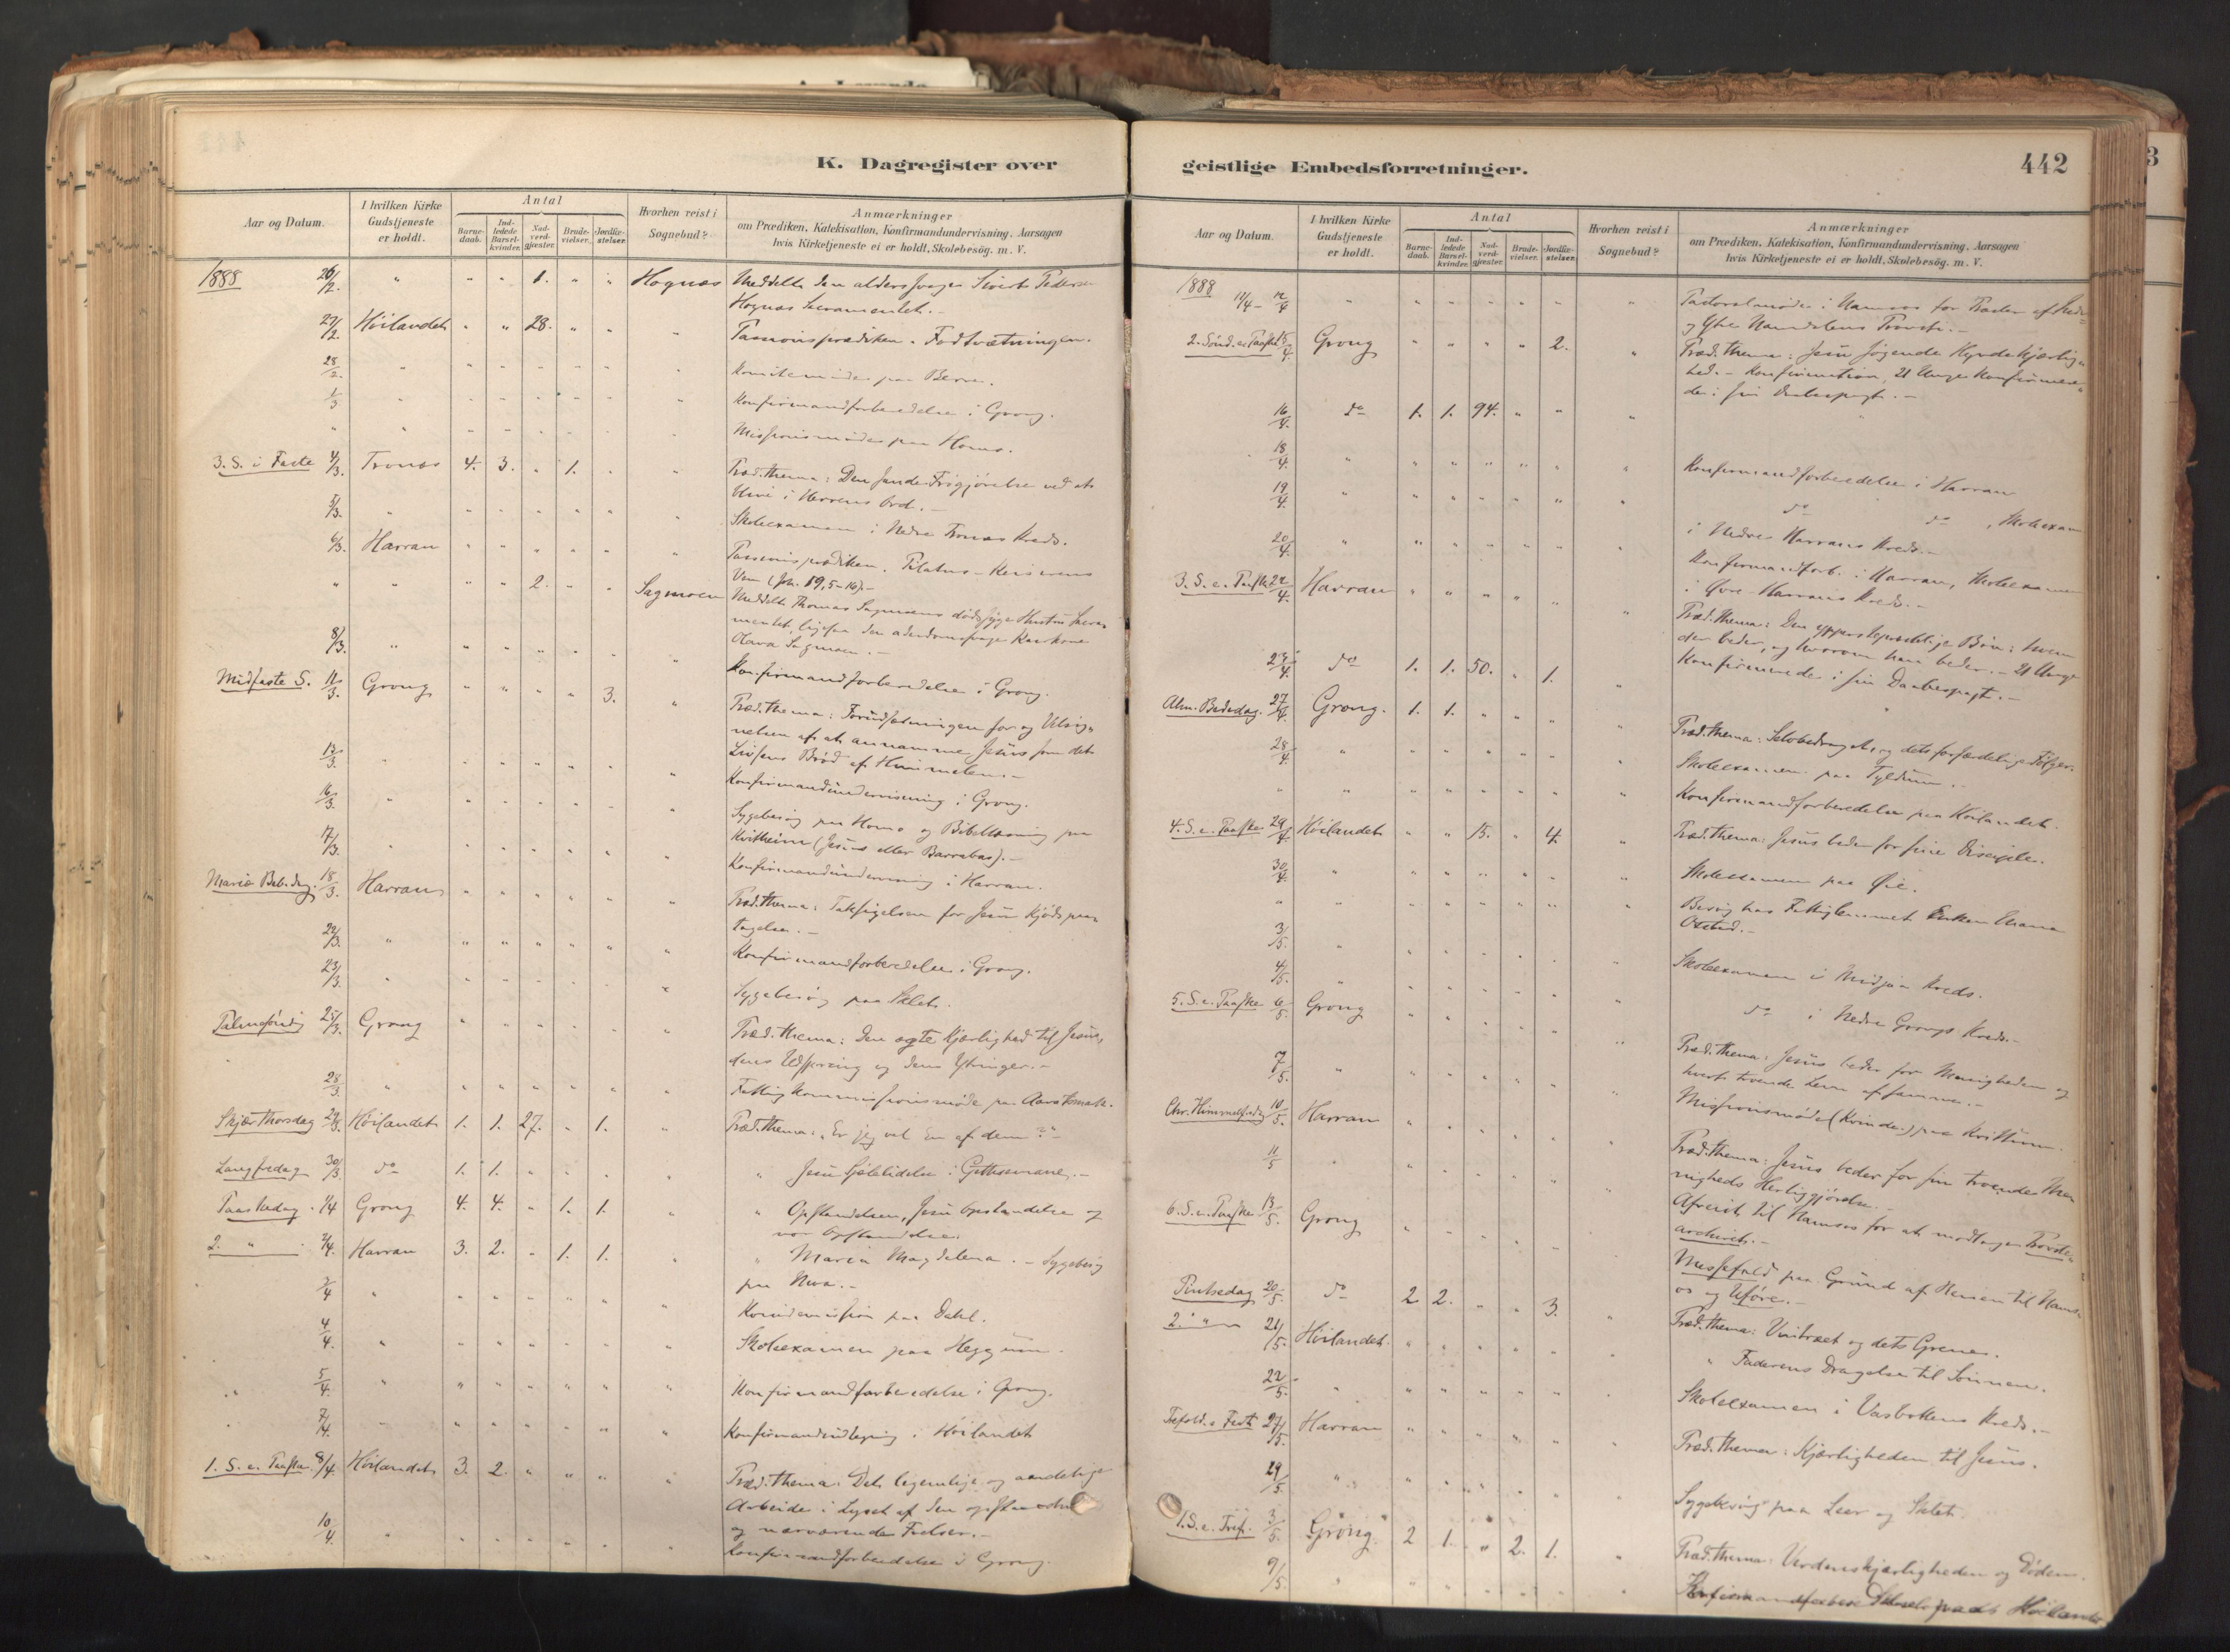 SAT, Ministerialprotokoller, klokkerbøker og fødselsregistre - Nord-Trøndelag, 758/L0519: Ministerialbok nr. 758A04, 1880-1926, s. 442